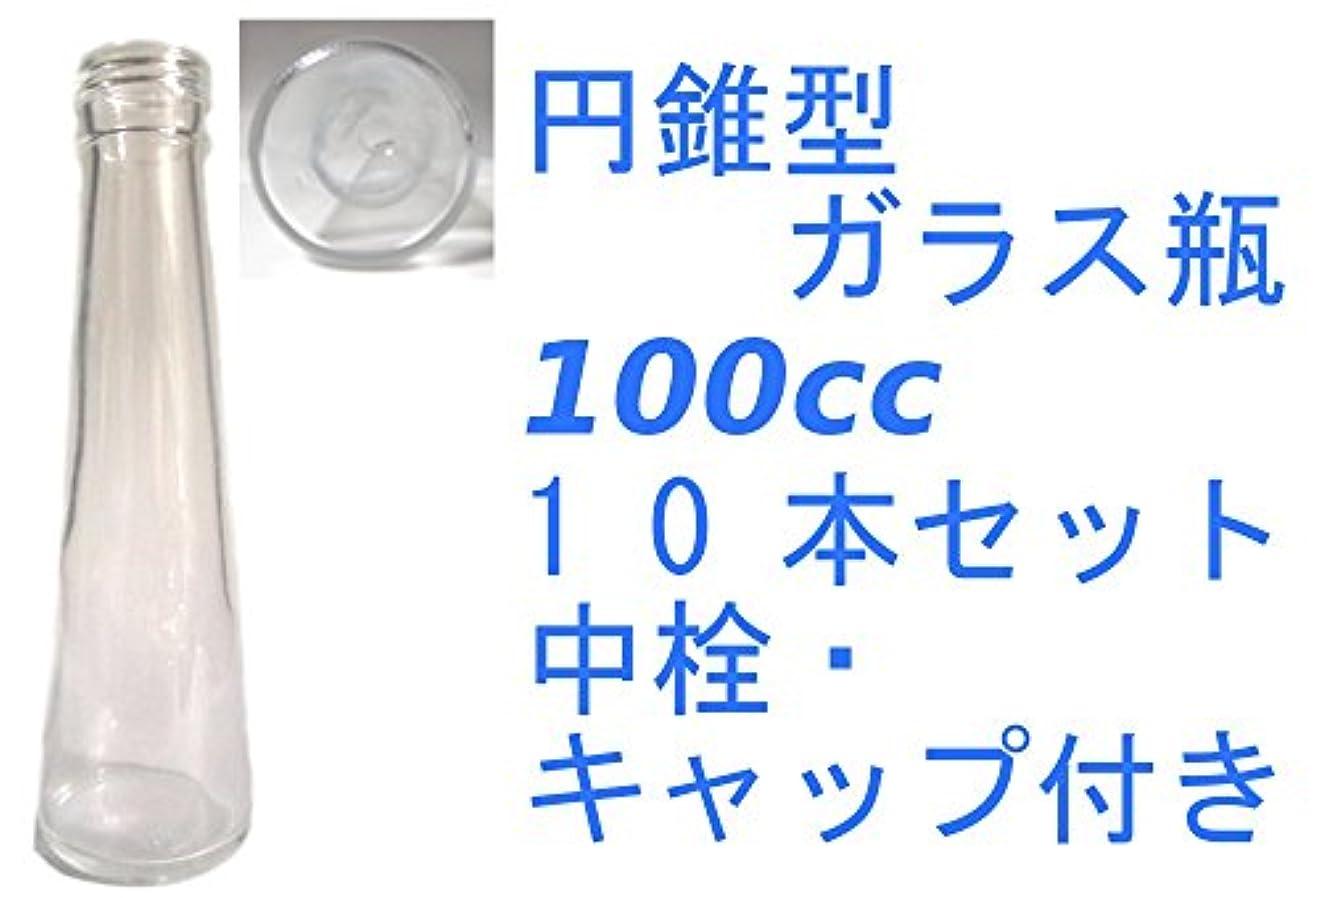 九証言梨(ジャストユーズ)JustU's 日本製 ポリ栓 中栓付き円錐型ガラス瓶 10本セット 100cc 100ml アロマディフューザー ハーバリウム 調味料 オイル タレ ドレッシング瓶 B10-SSG100A-A